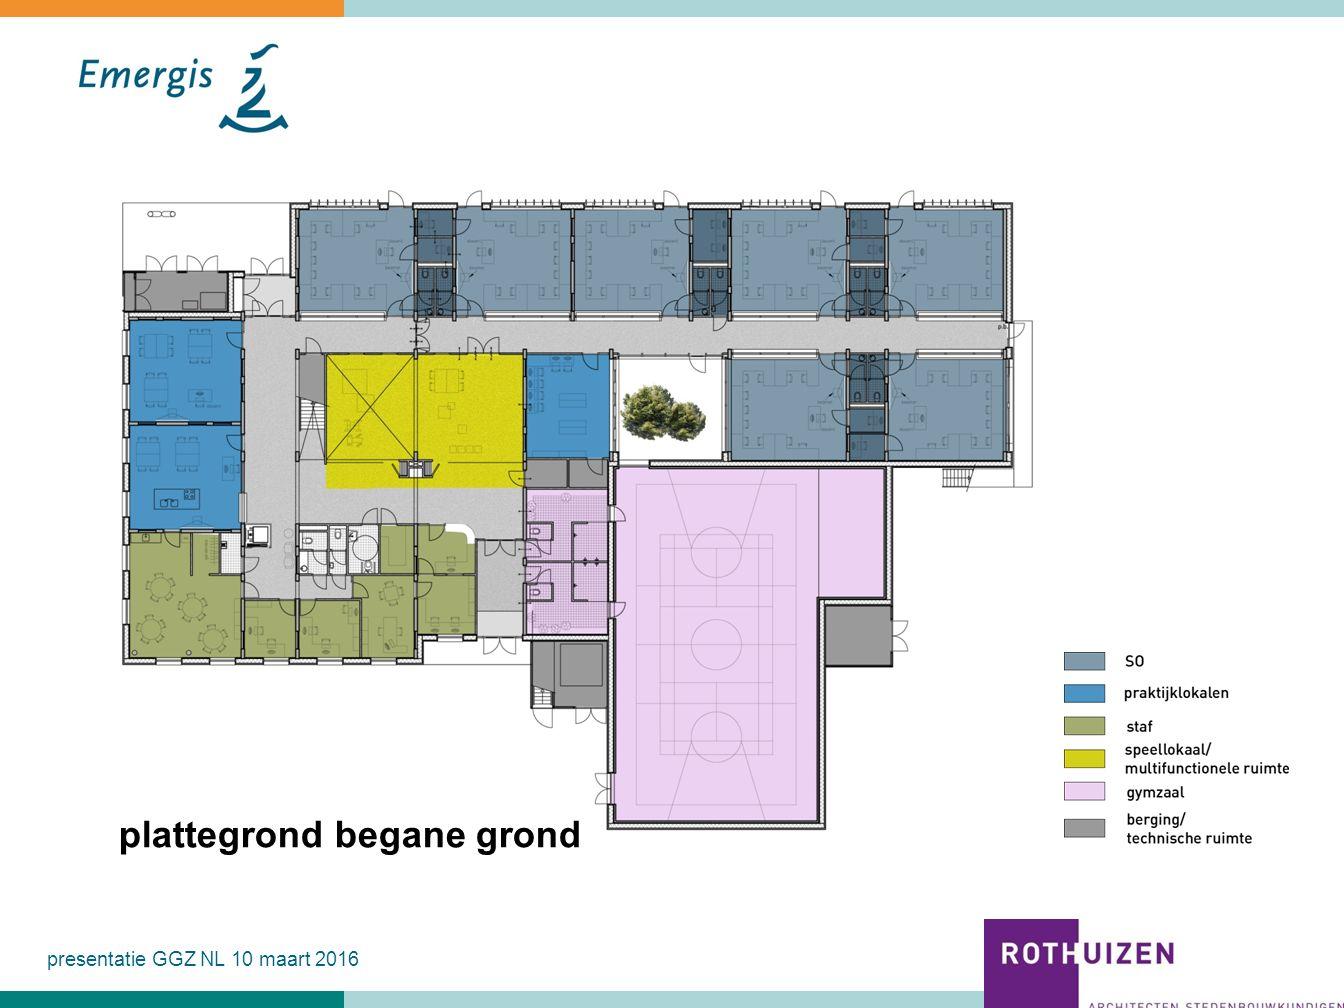 plattegrond begane grond presentatie GGZ NL 10 maart 2016